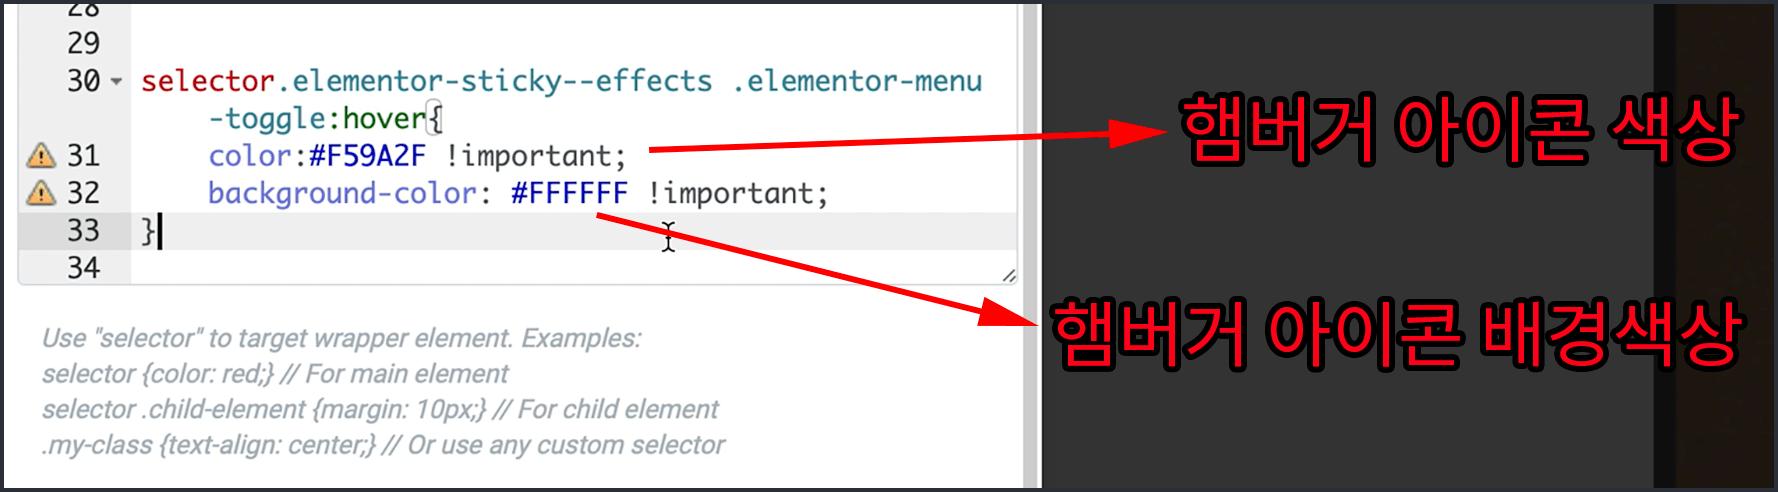 스크롤할때 토글버튼 마우스 오버 색상 변경을 위한 CSS 룰